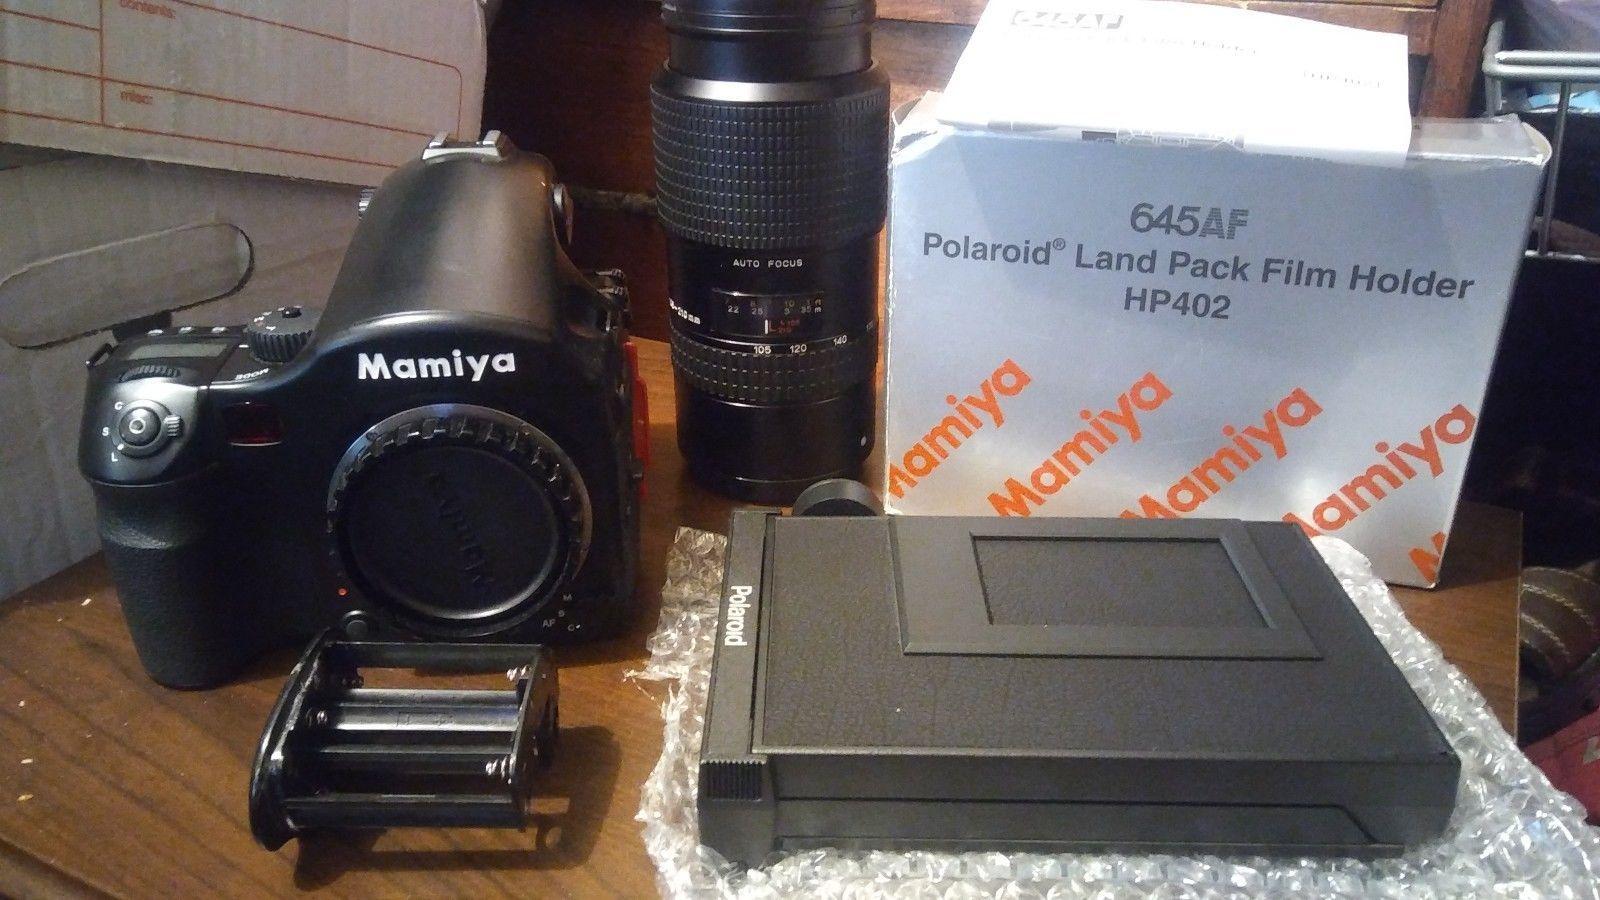 SALE! Mamiya 645 AF Medium Format Camera w/120 Polaroid Back